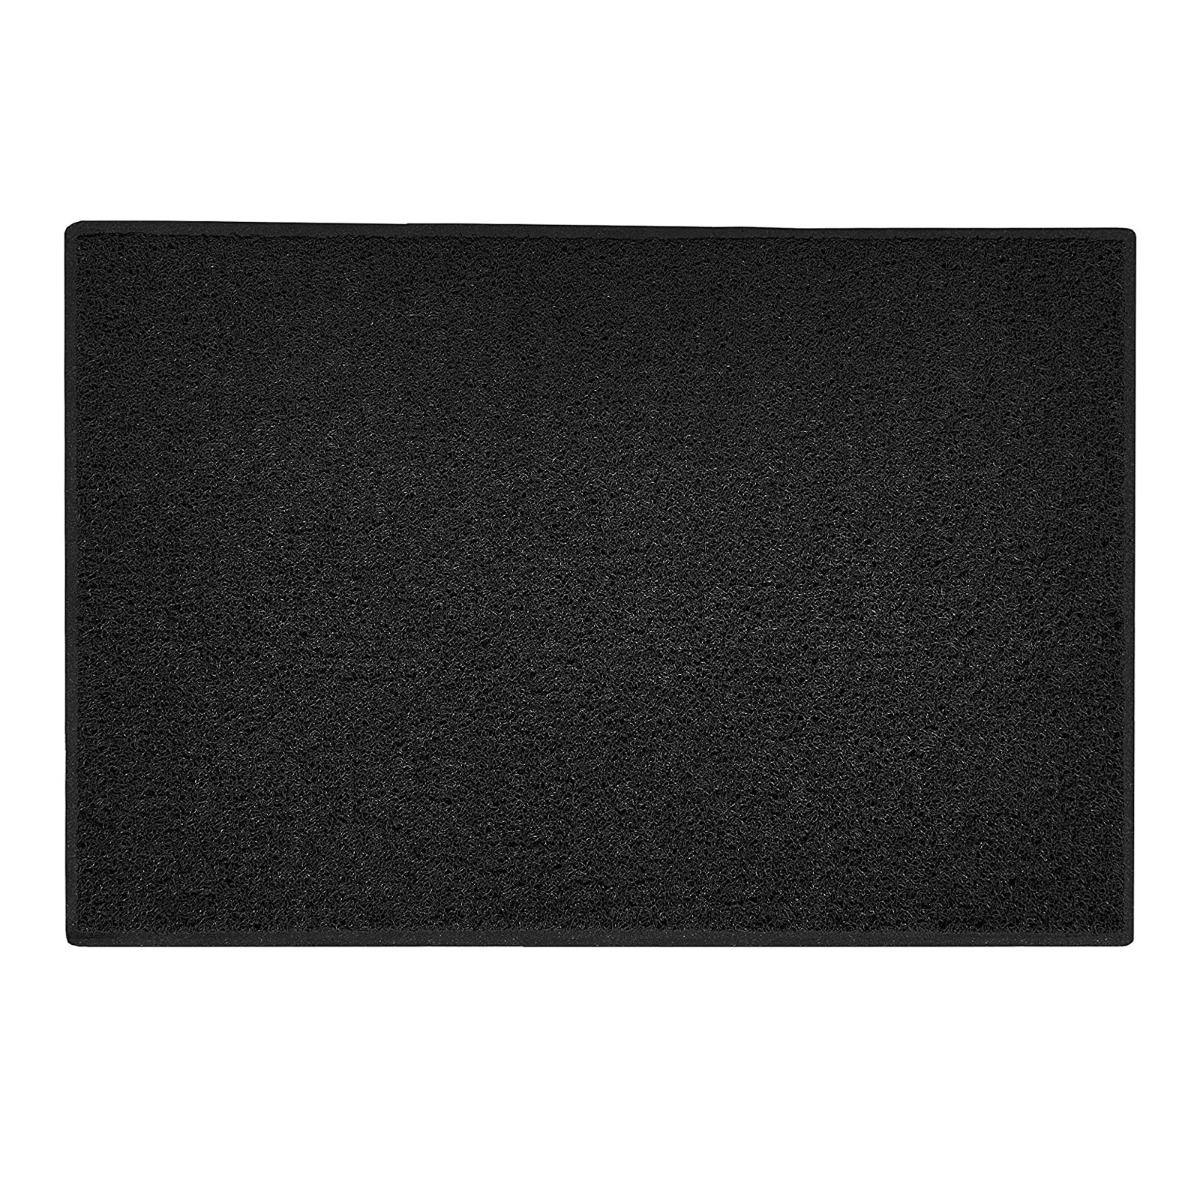 BBQ Protective Floor Mat in Black